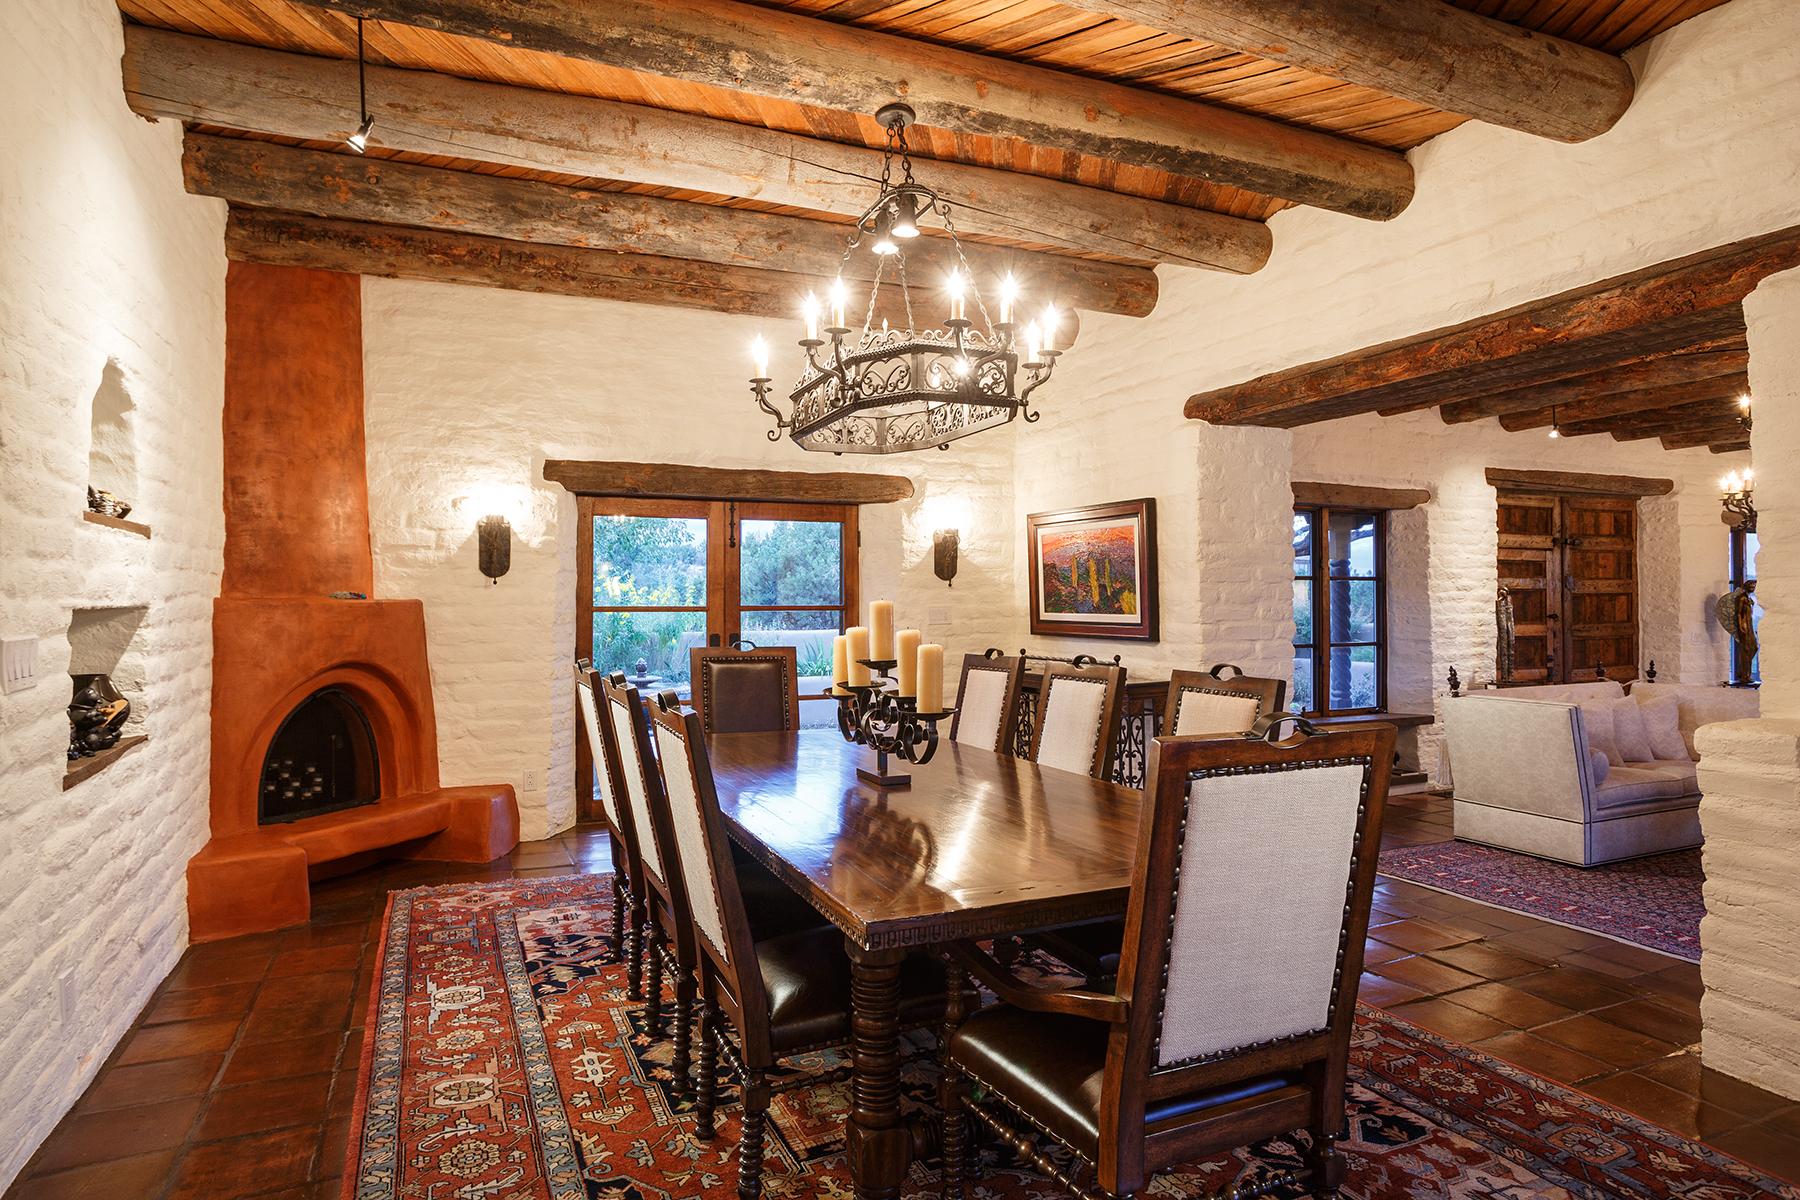 Santa Fe style, interior design, decor, home